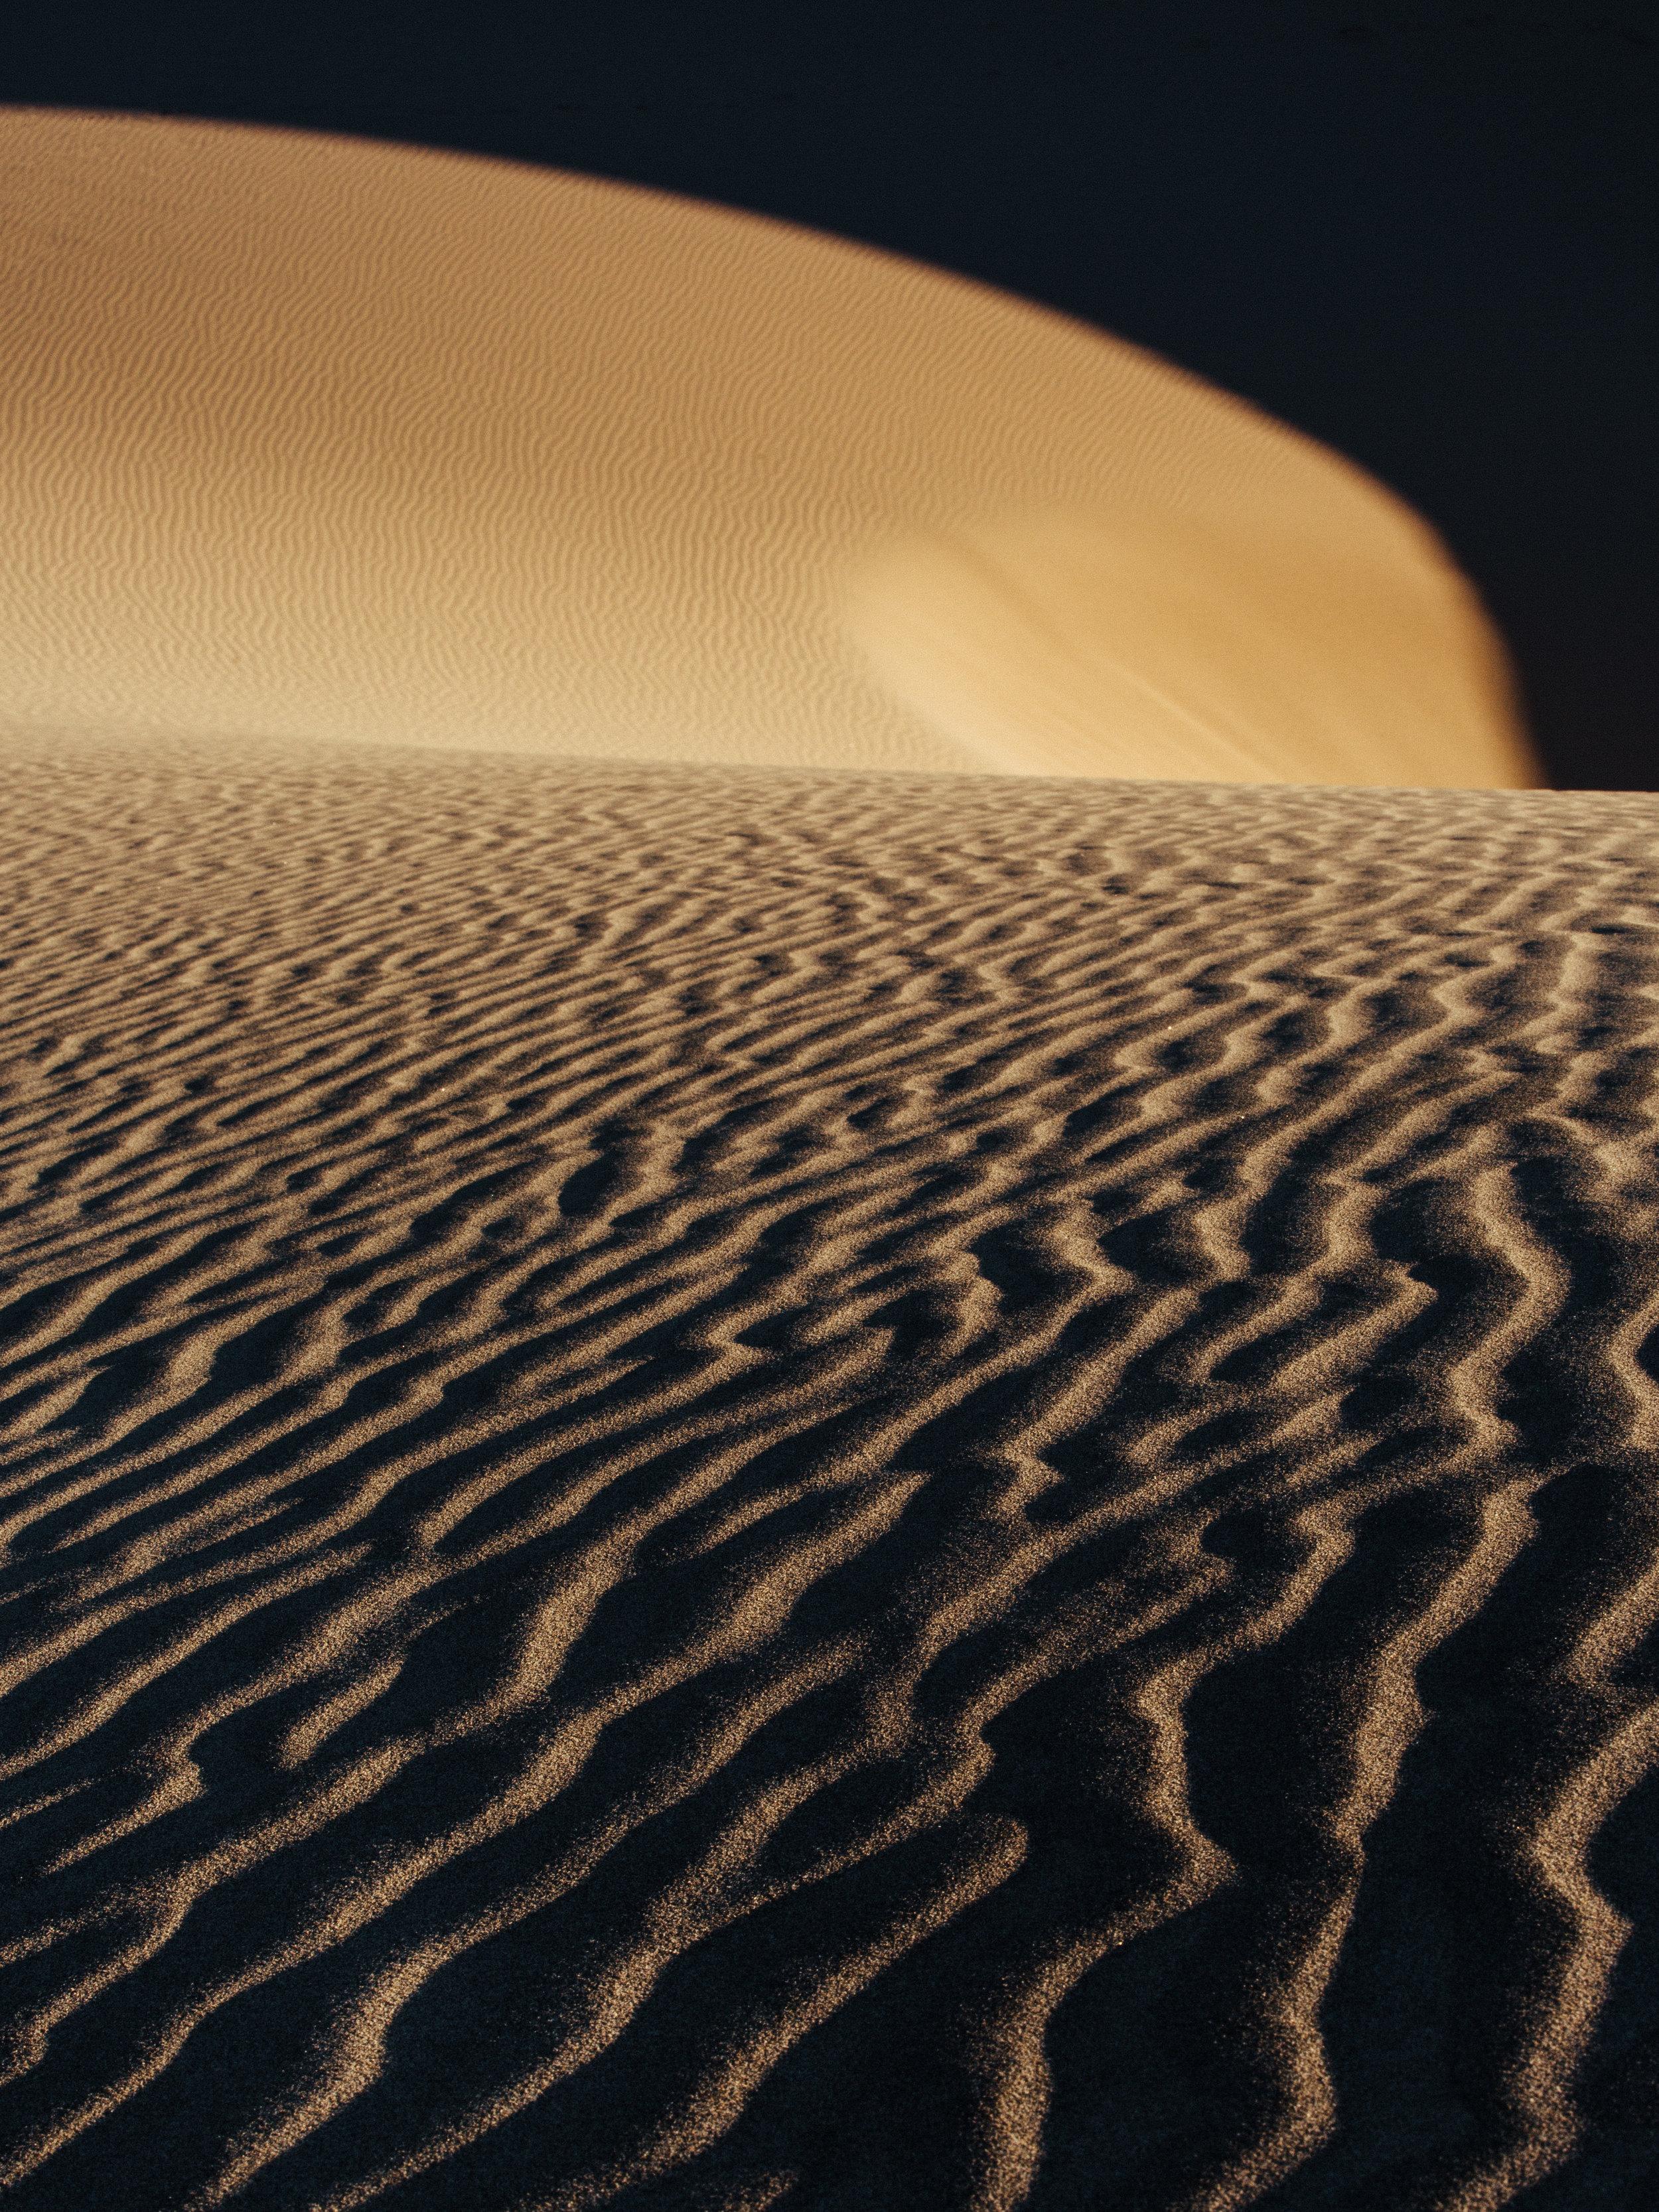 DeathValley_Dune7.jpg